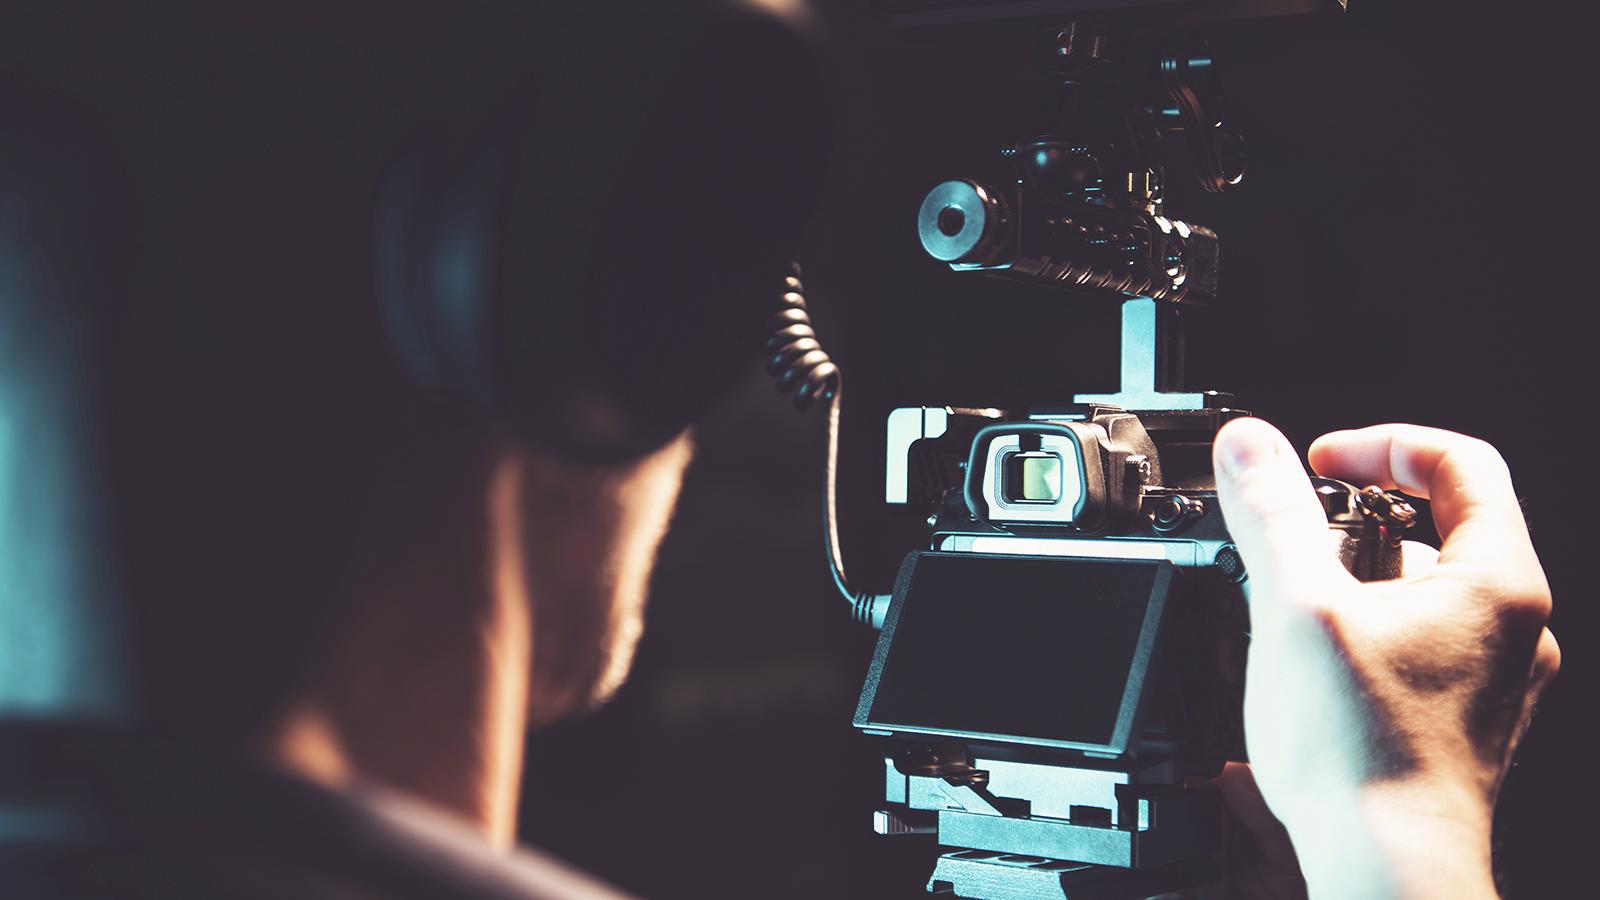 Video case o que e quais sao as vantagens e como fazer 5 - Vídeo case: o que é, quais são as vantagens e como fazer?